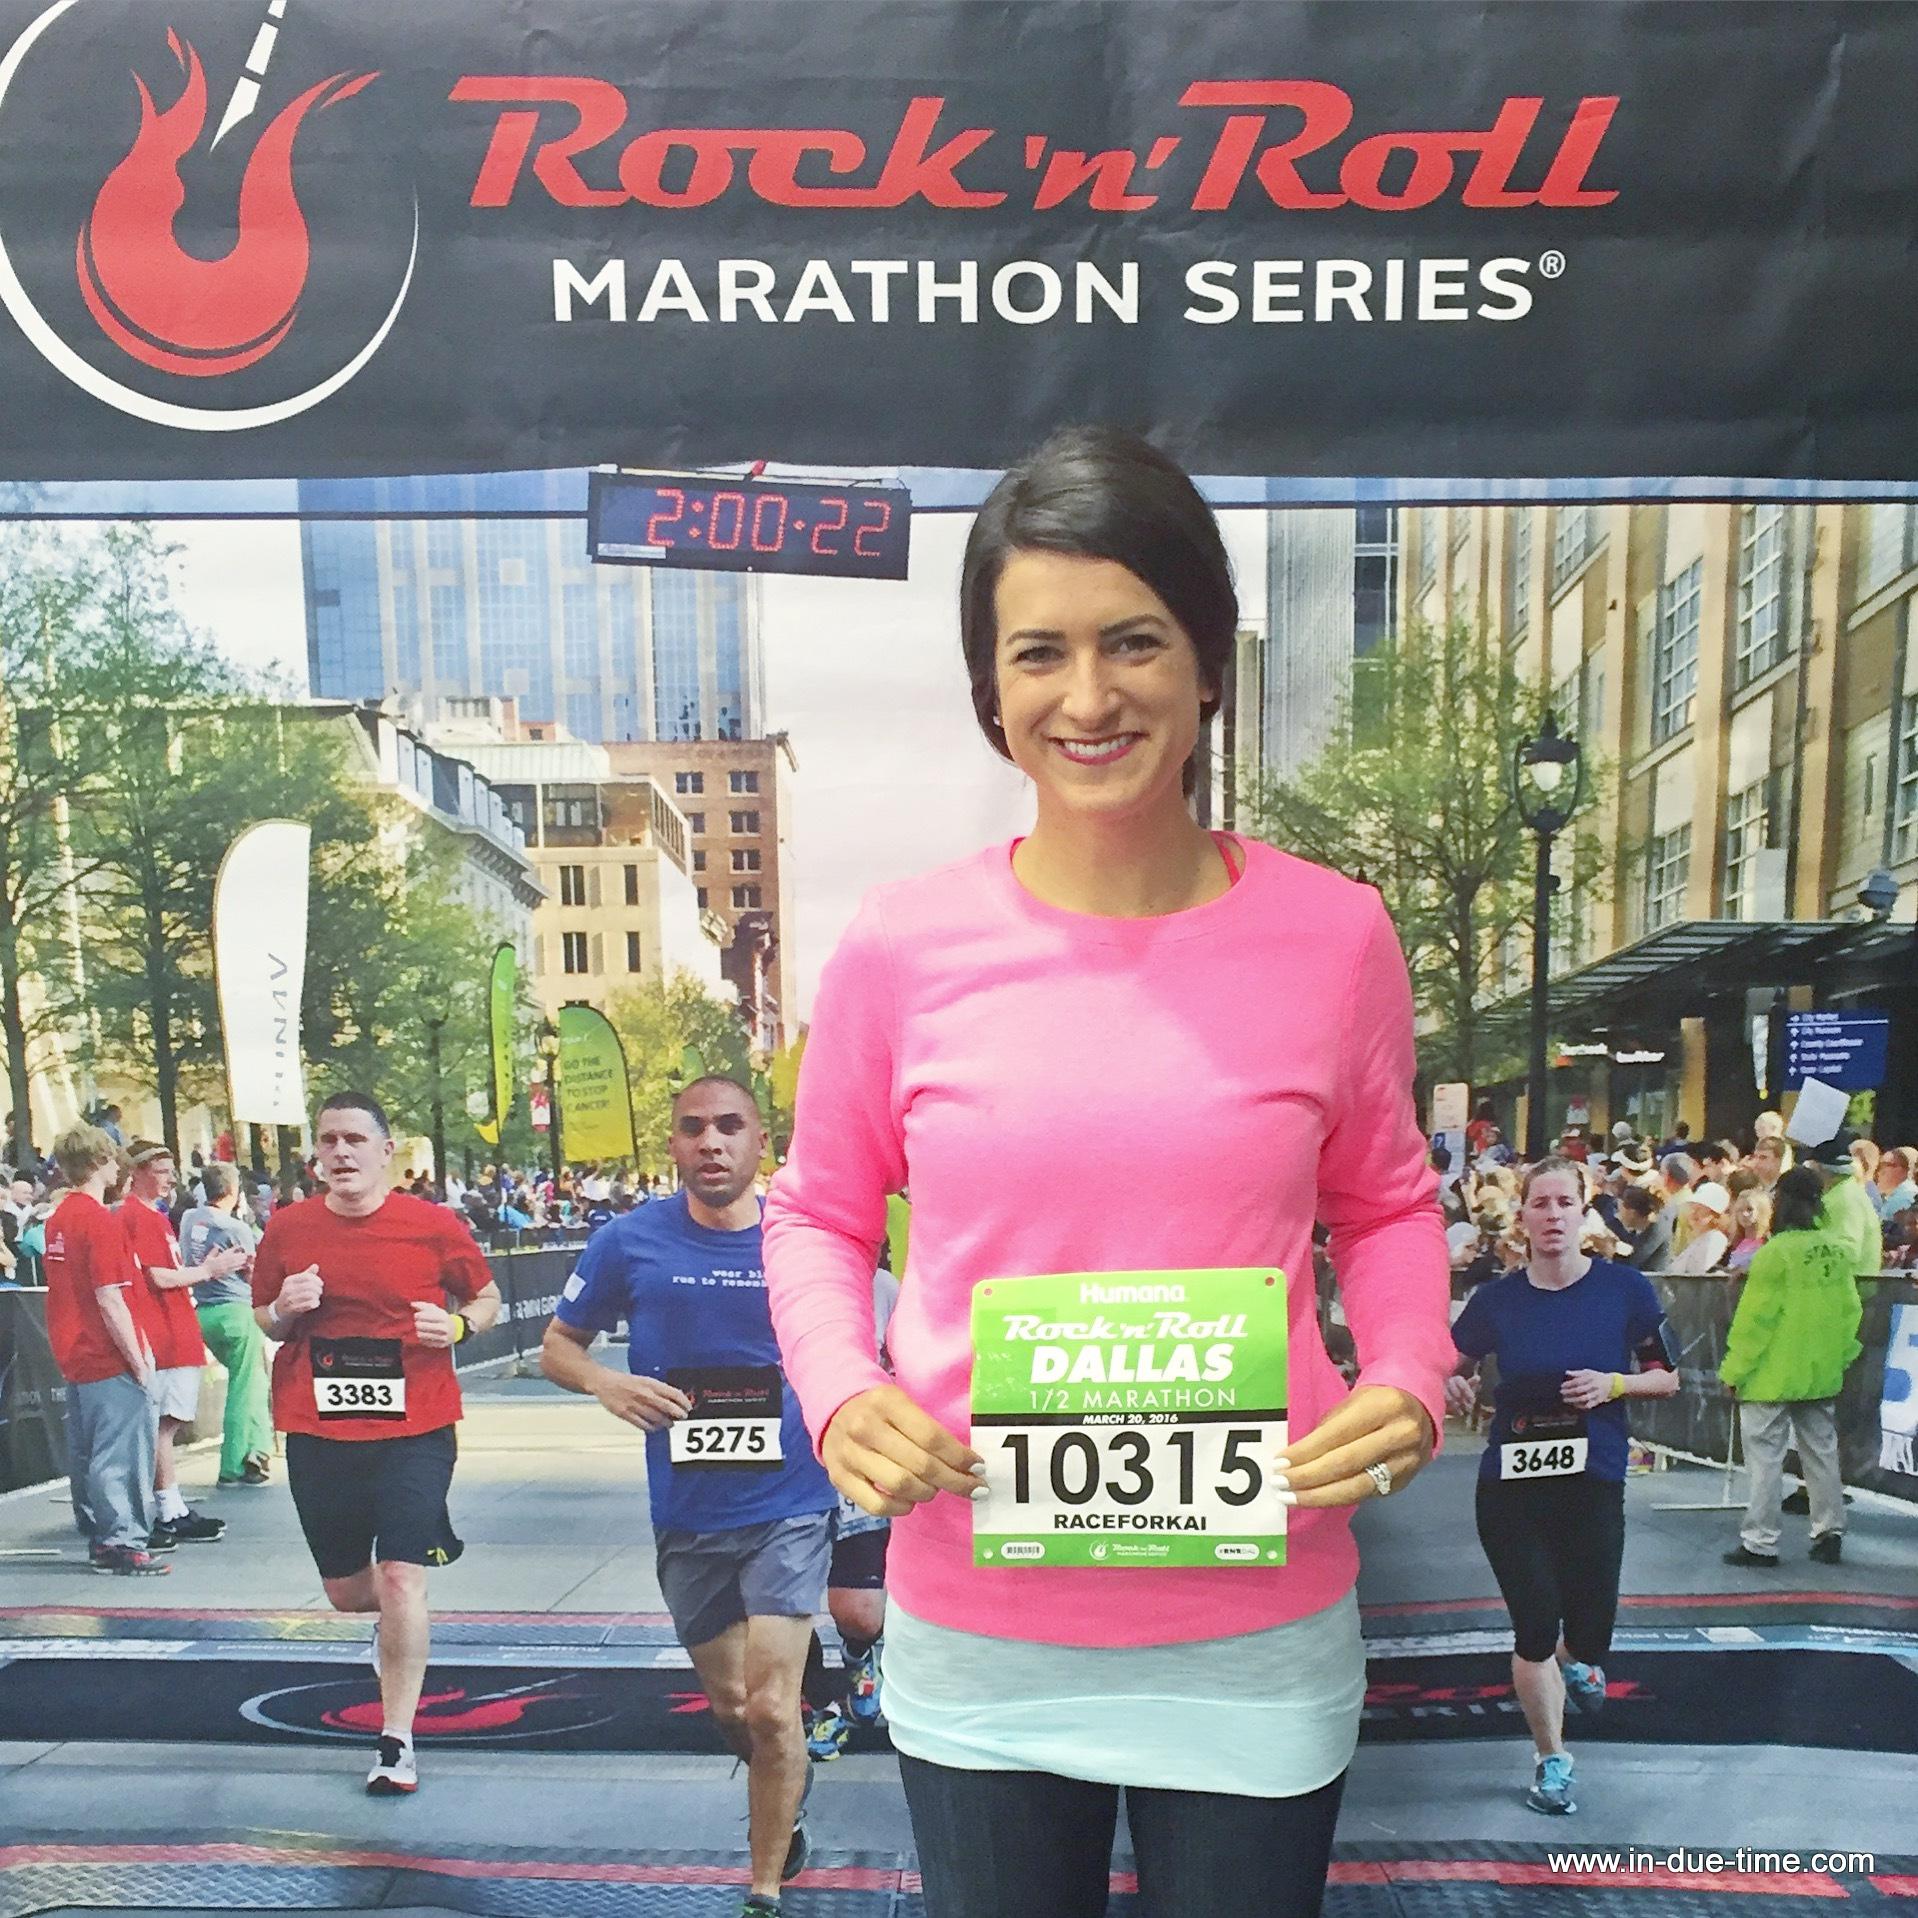 St Jude Rock N Roll Half Marathon